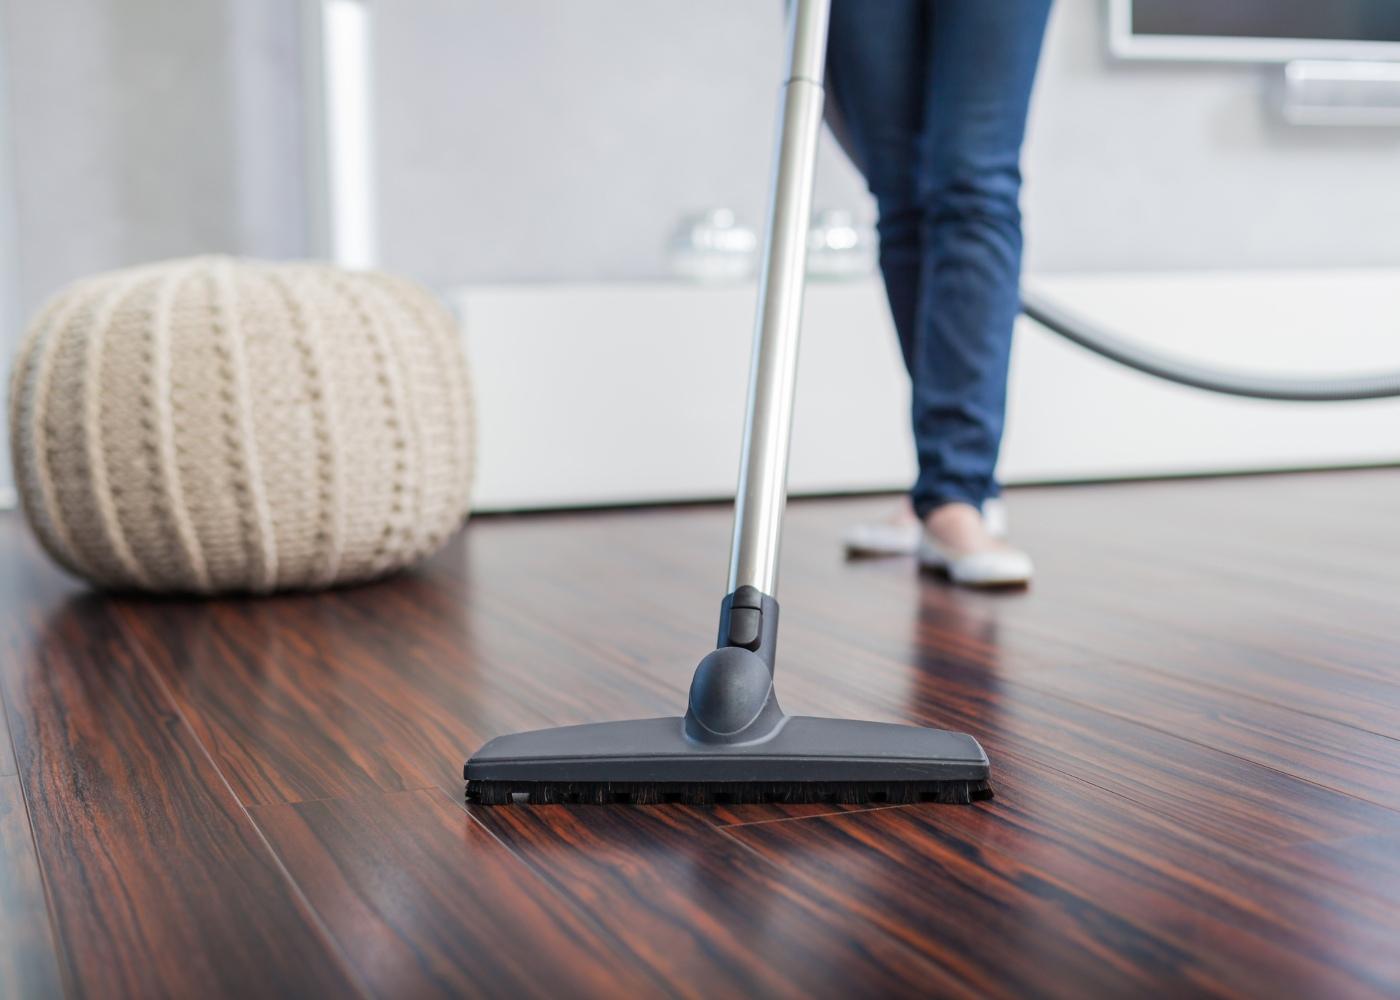 aspirar chão de madeira